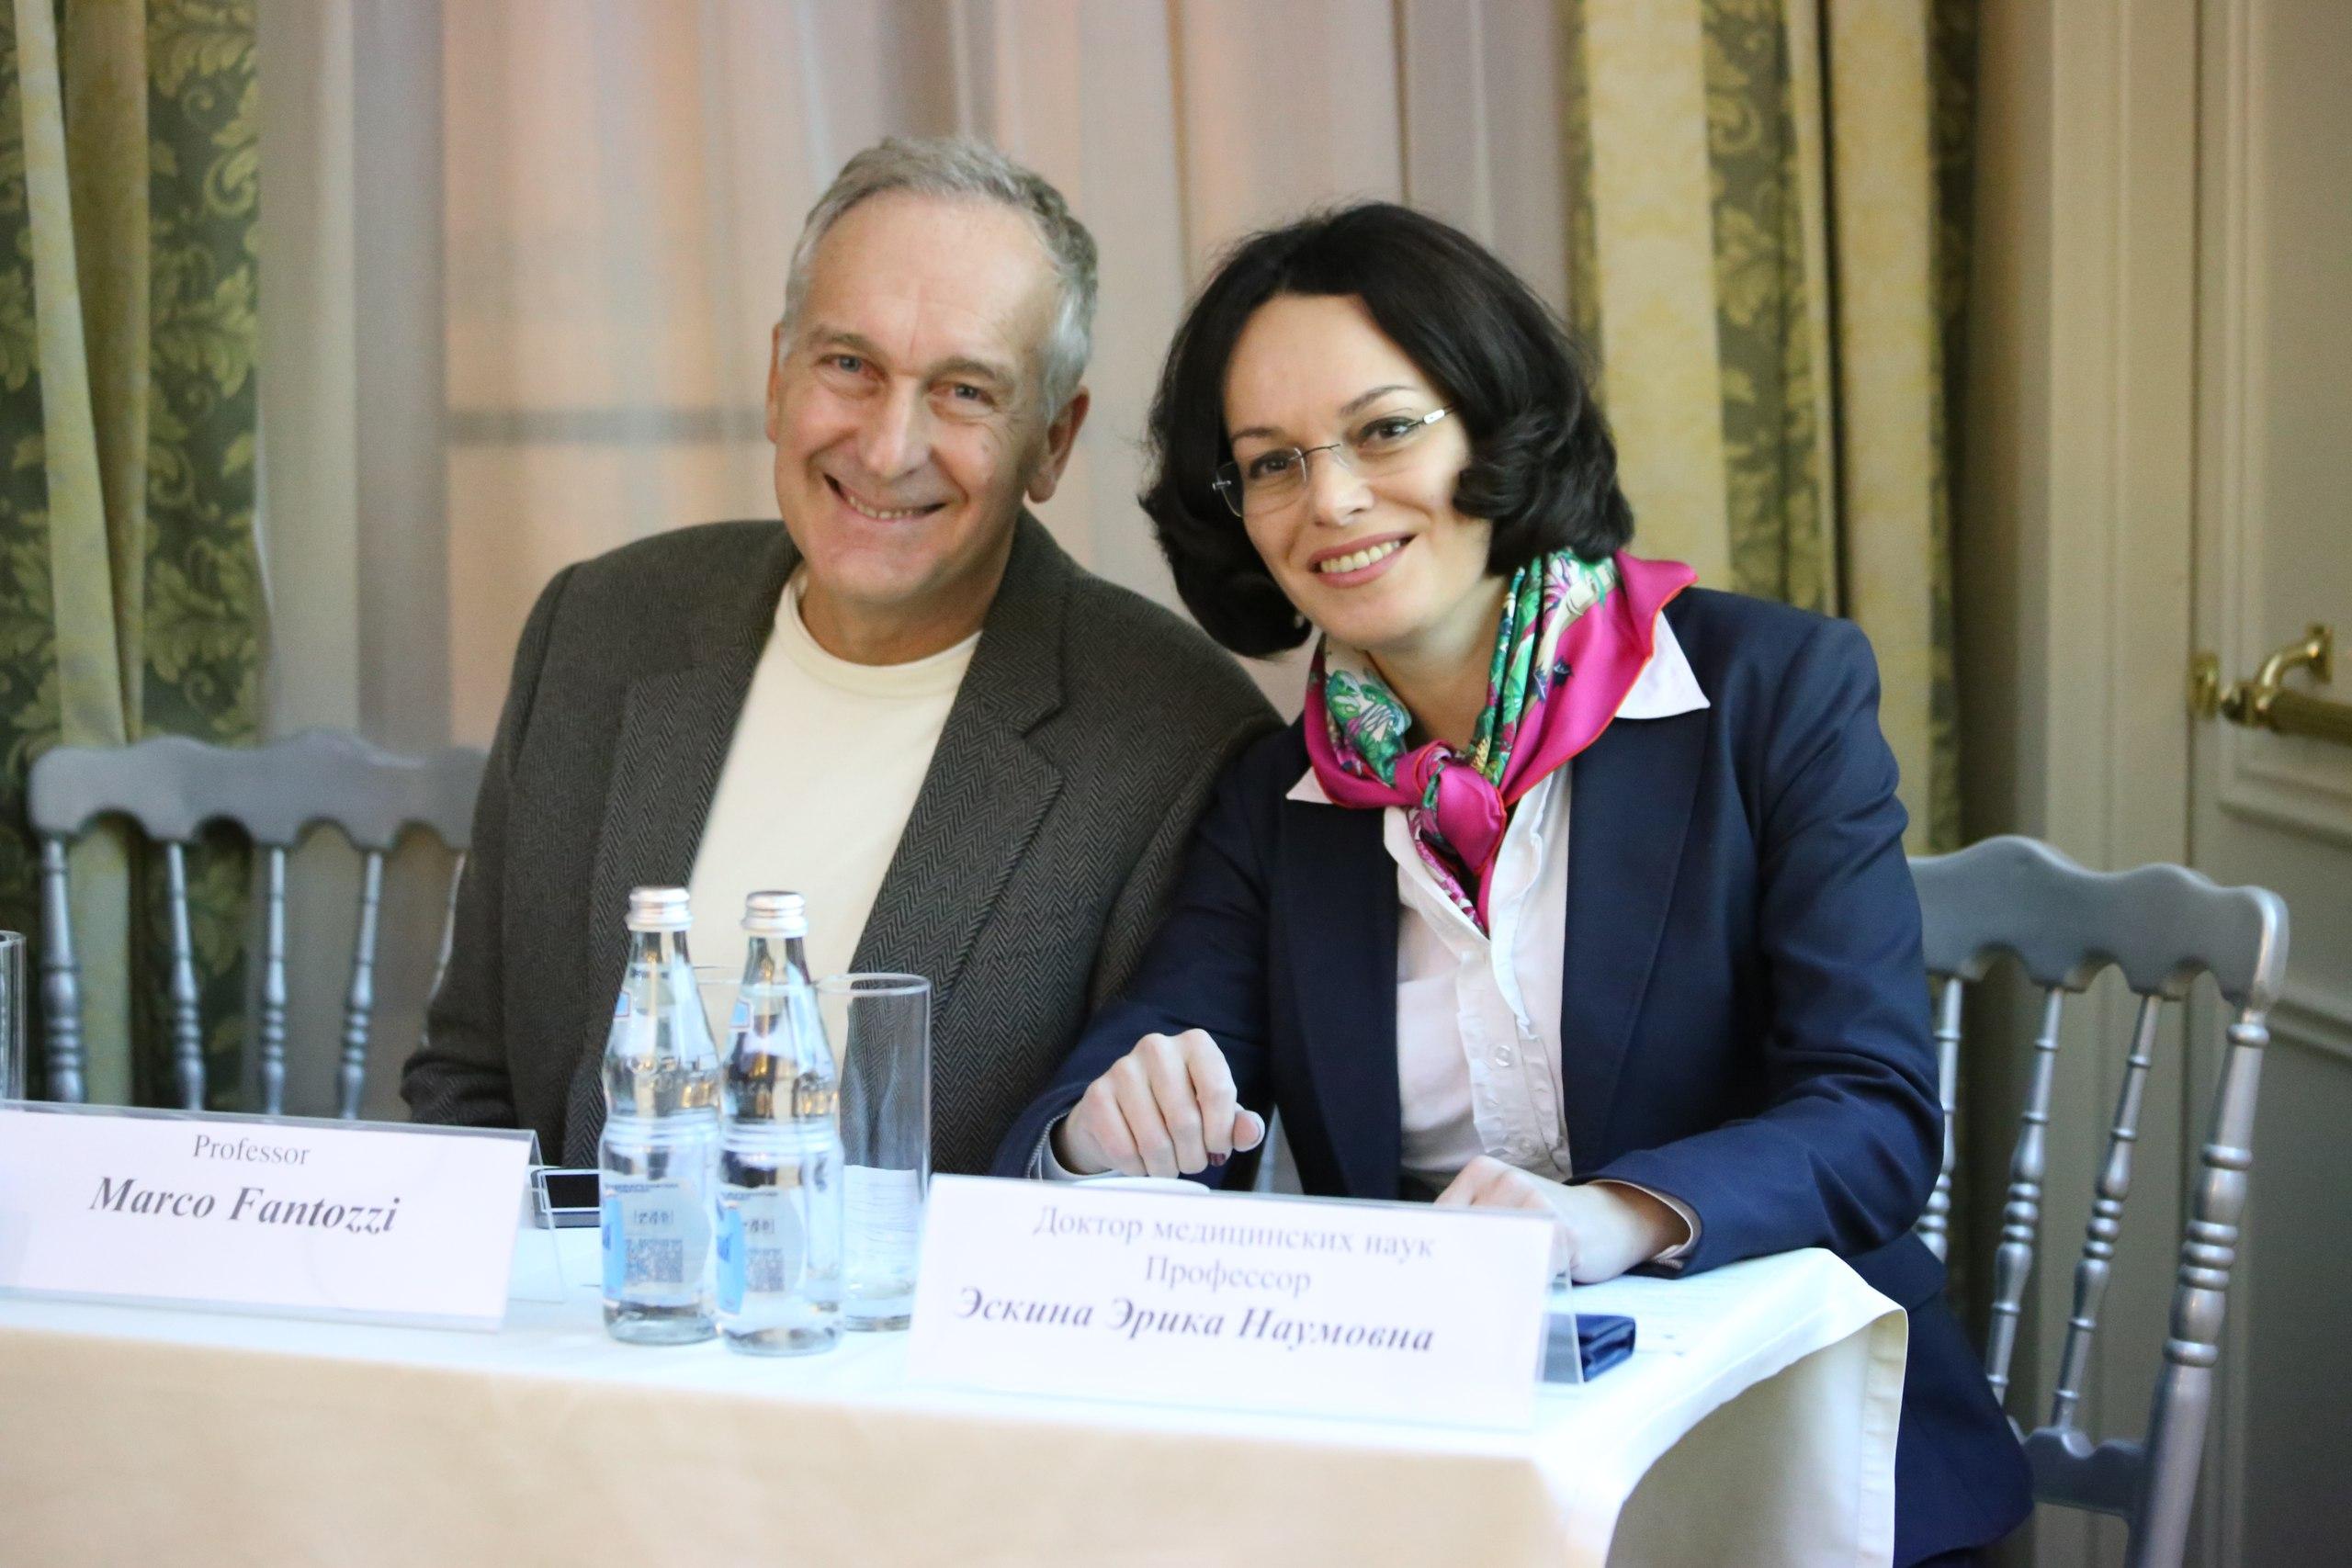 Доктор Эрика Эскина и доктор Марко Фантоцци (Marco Fantozzi)